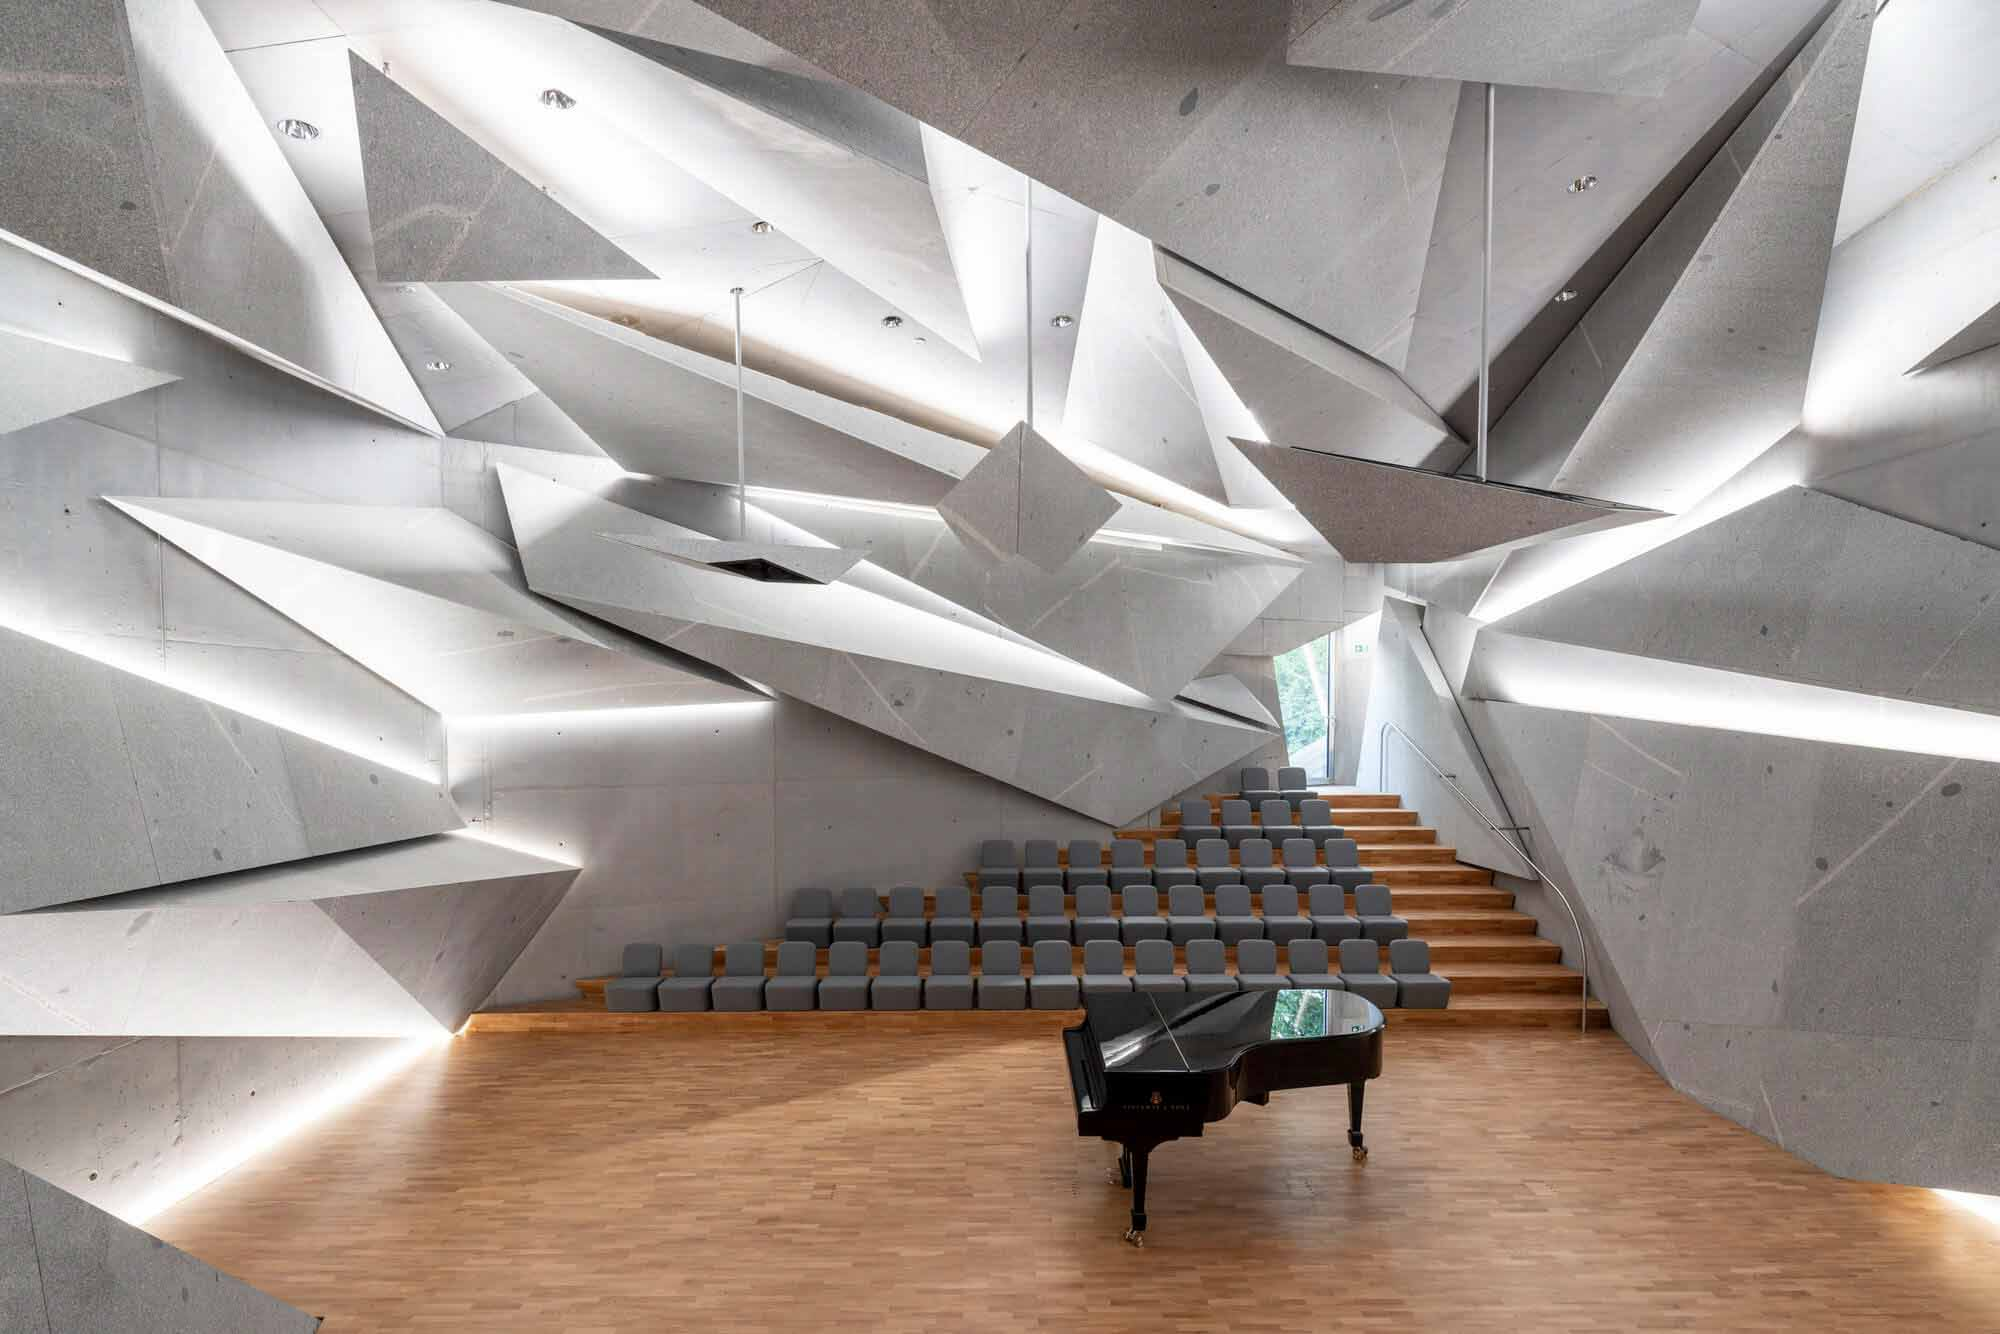 Концертный зал Вилла Марто / петер хаймерл.архитектур